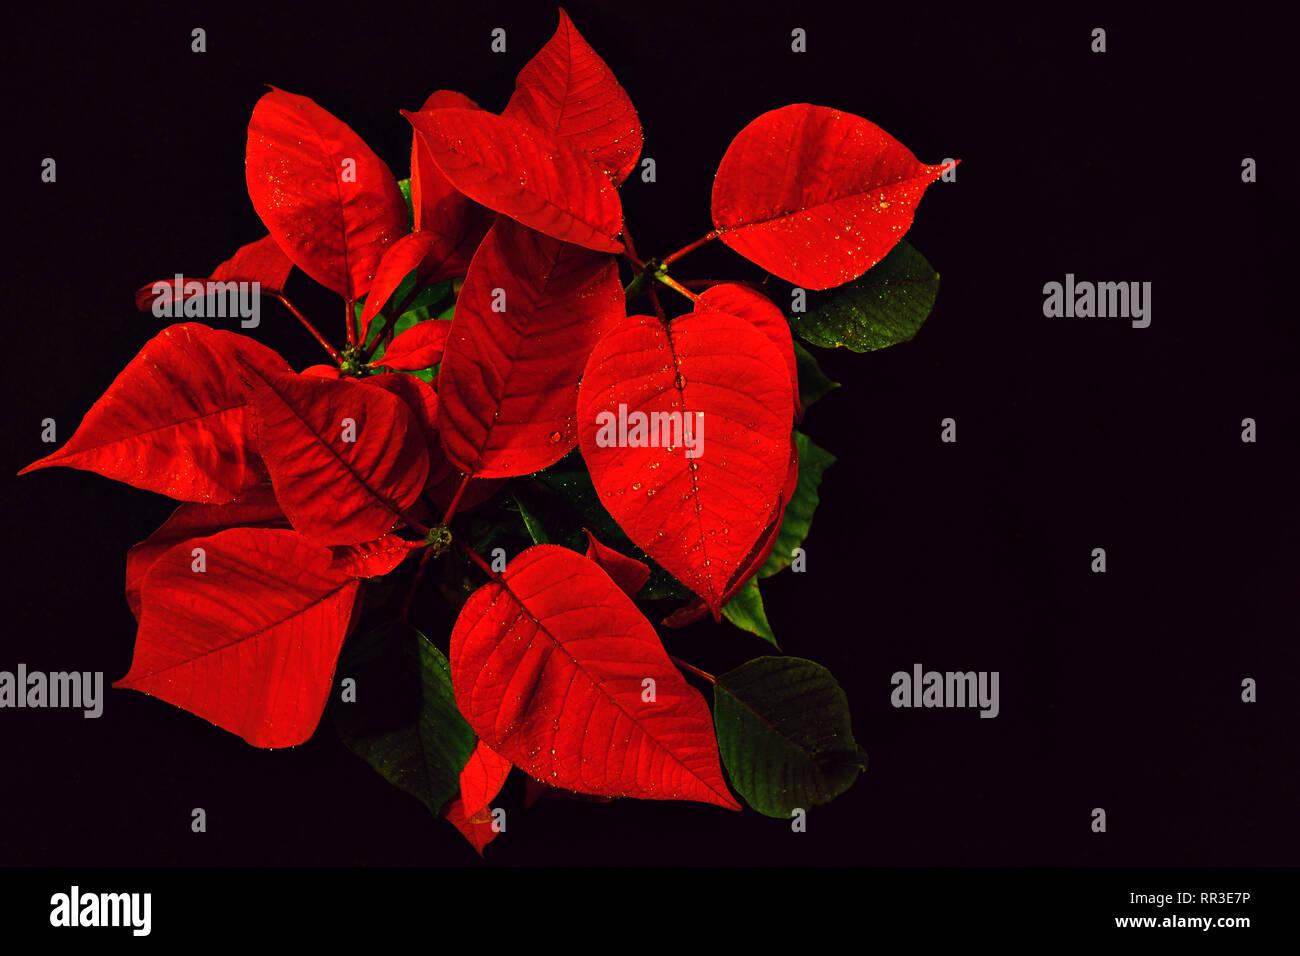 Vista Superiore Del Fiore Rosso Stella Di Natale Su Sfondo Nero Foto